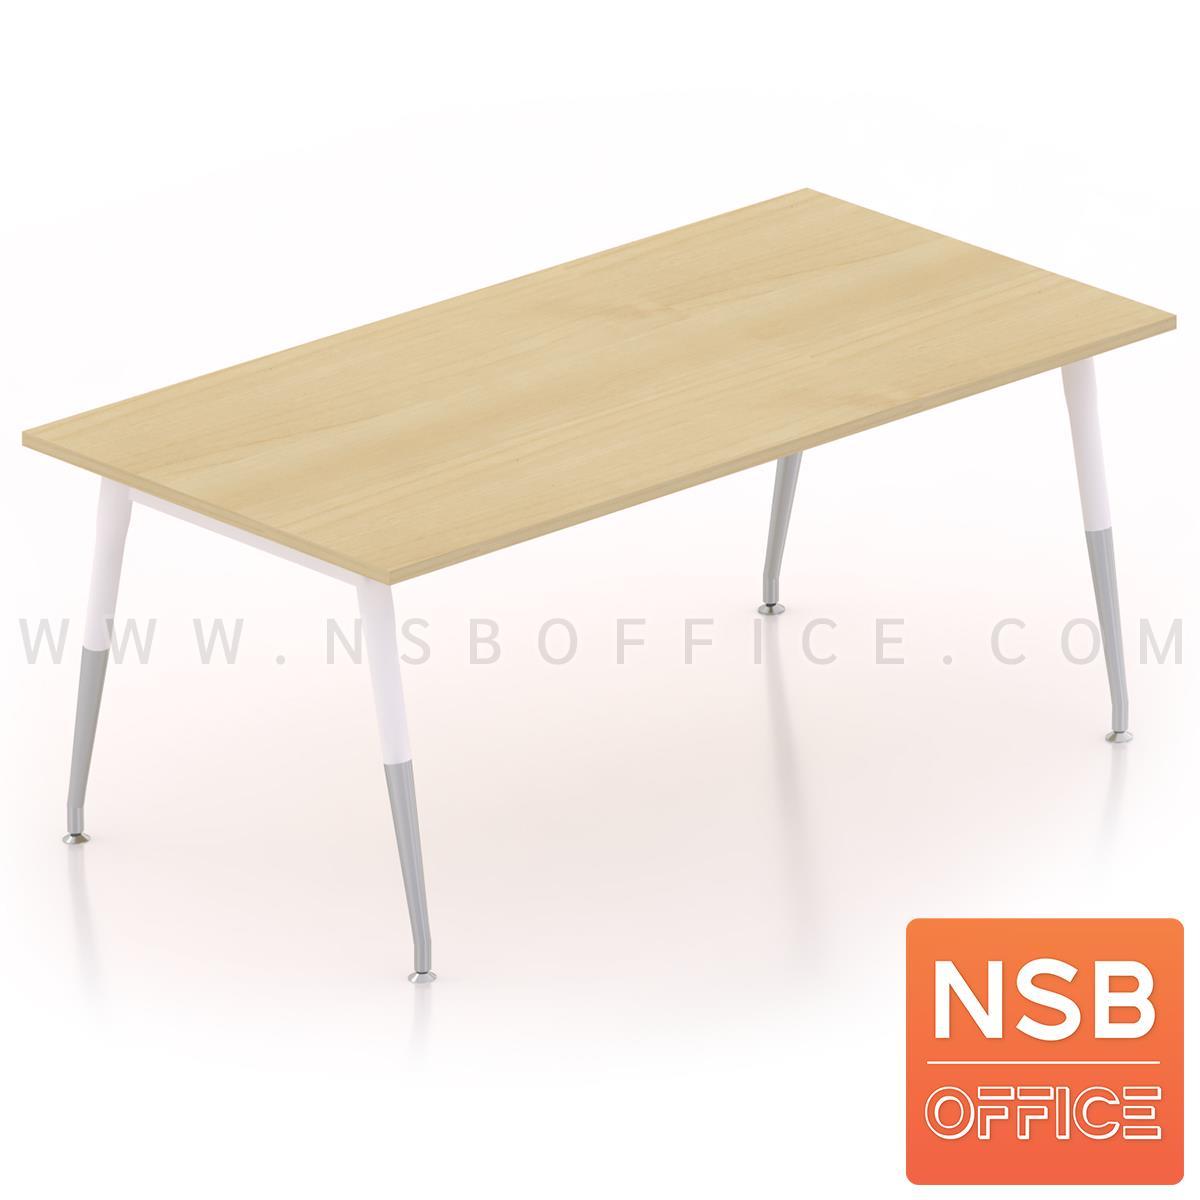 A05A076:โต๊ะประชุมทรงสี่เหลี่ยม  ขนาด 150W ,180W ,200W ,240W cm.  ขาเหล็กปลายเรียว